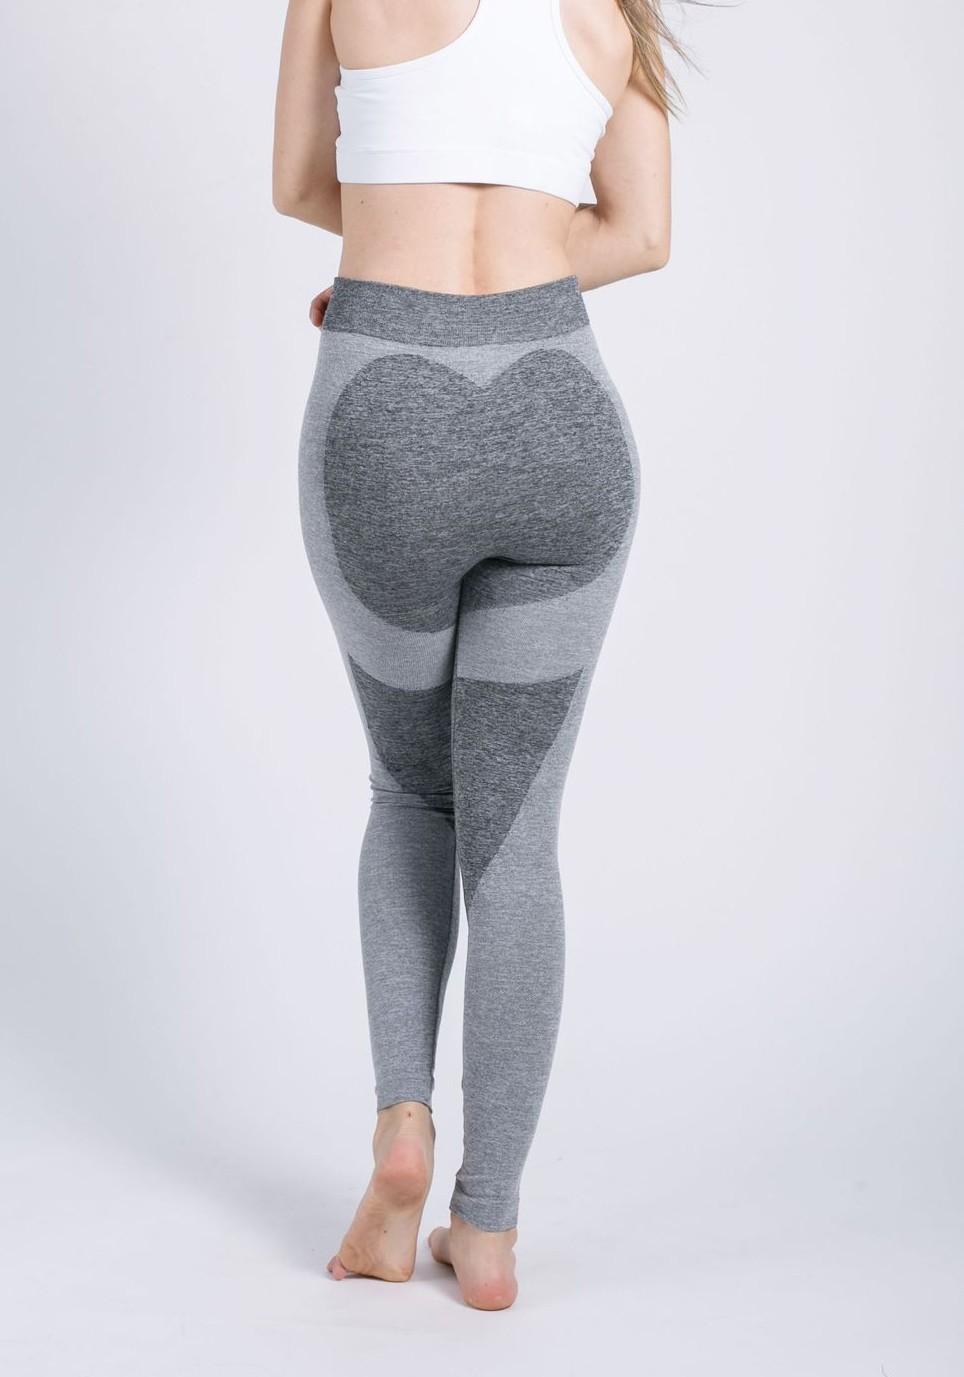 5d211f0ef4e64d Light Grey Heat Butt Print High Waisted Sports Yoga Workout Long Legging -  Leggings - Bottoms